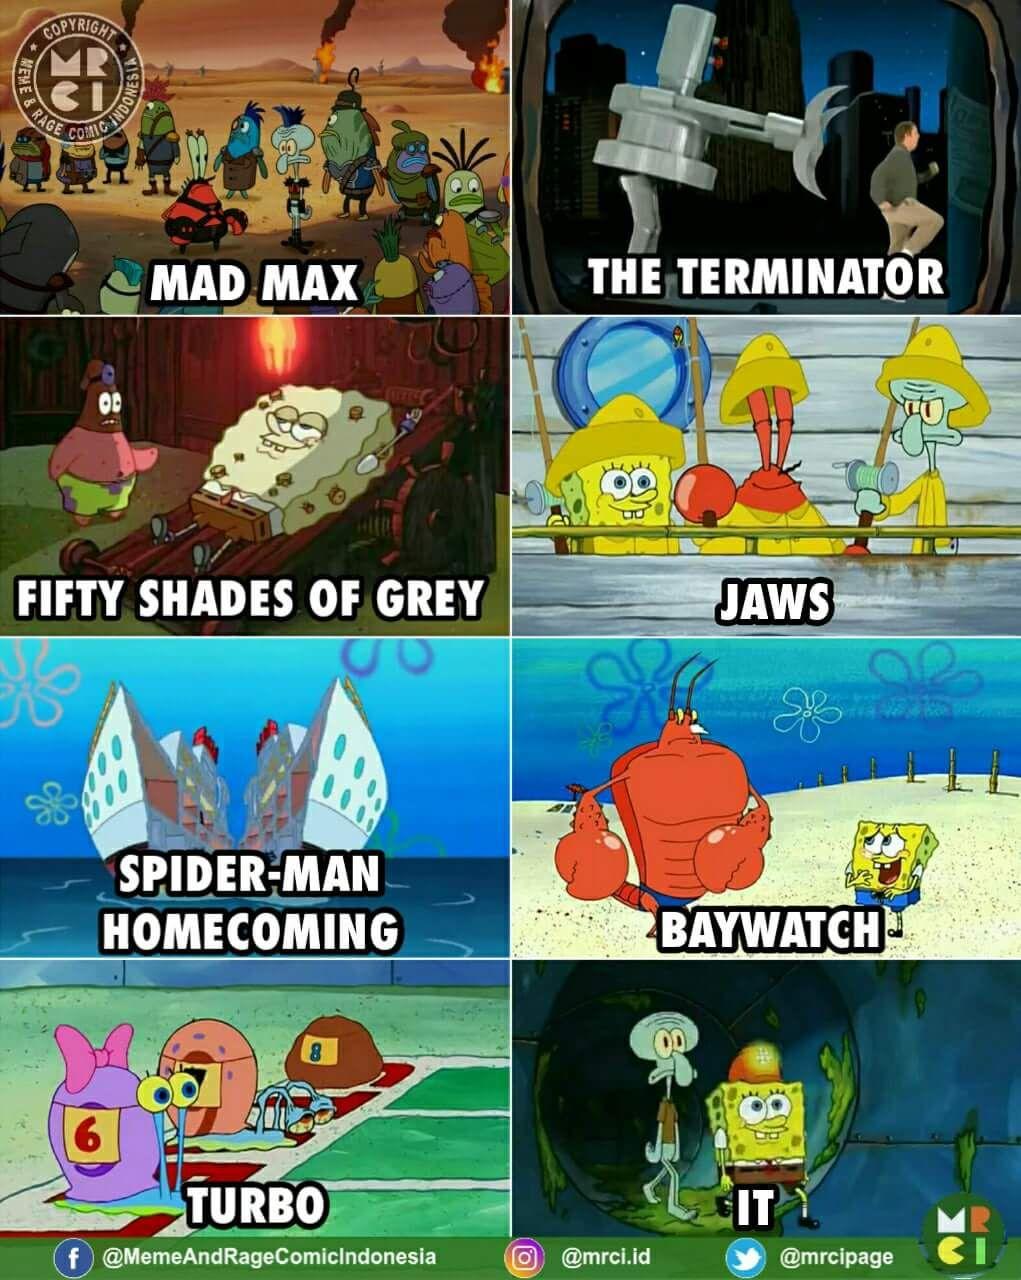 Kumpulan 10 Meme Spongebob Squarepants Ini Bakal Ceriakan Harimu Lifeloenet Meme Spongebob Meme Komik Meme